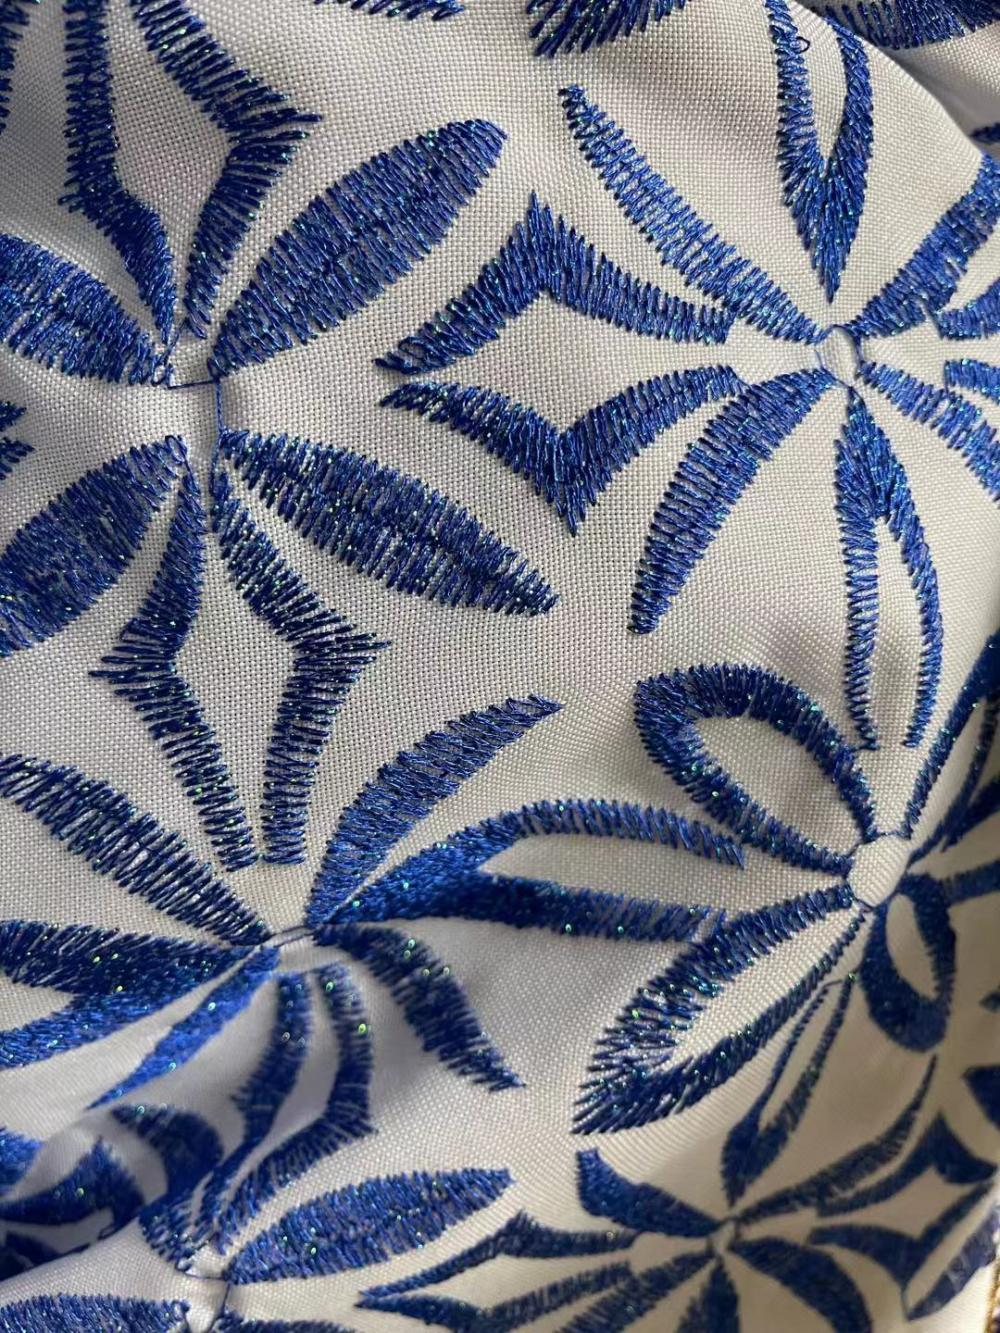 Metallic Satin Embroidery Fabric